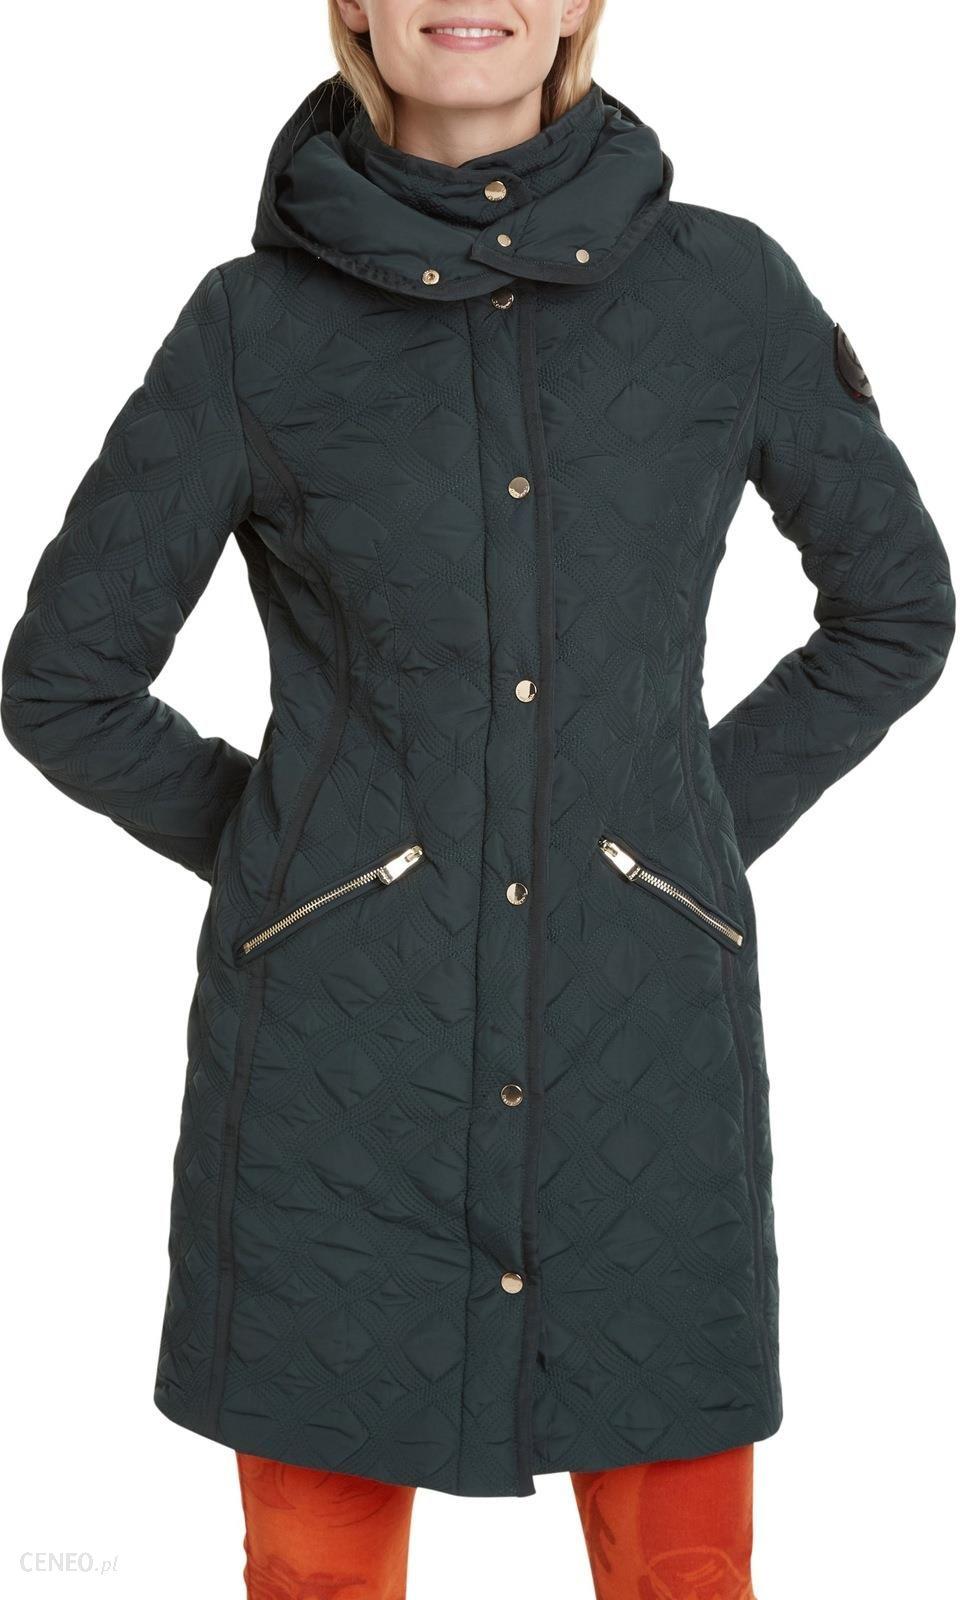 Desigual butelkowo zielony płaszcz Padded Leicester